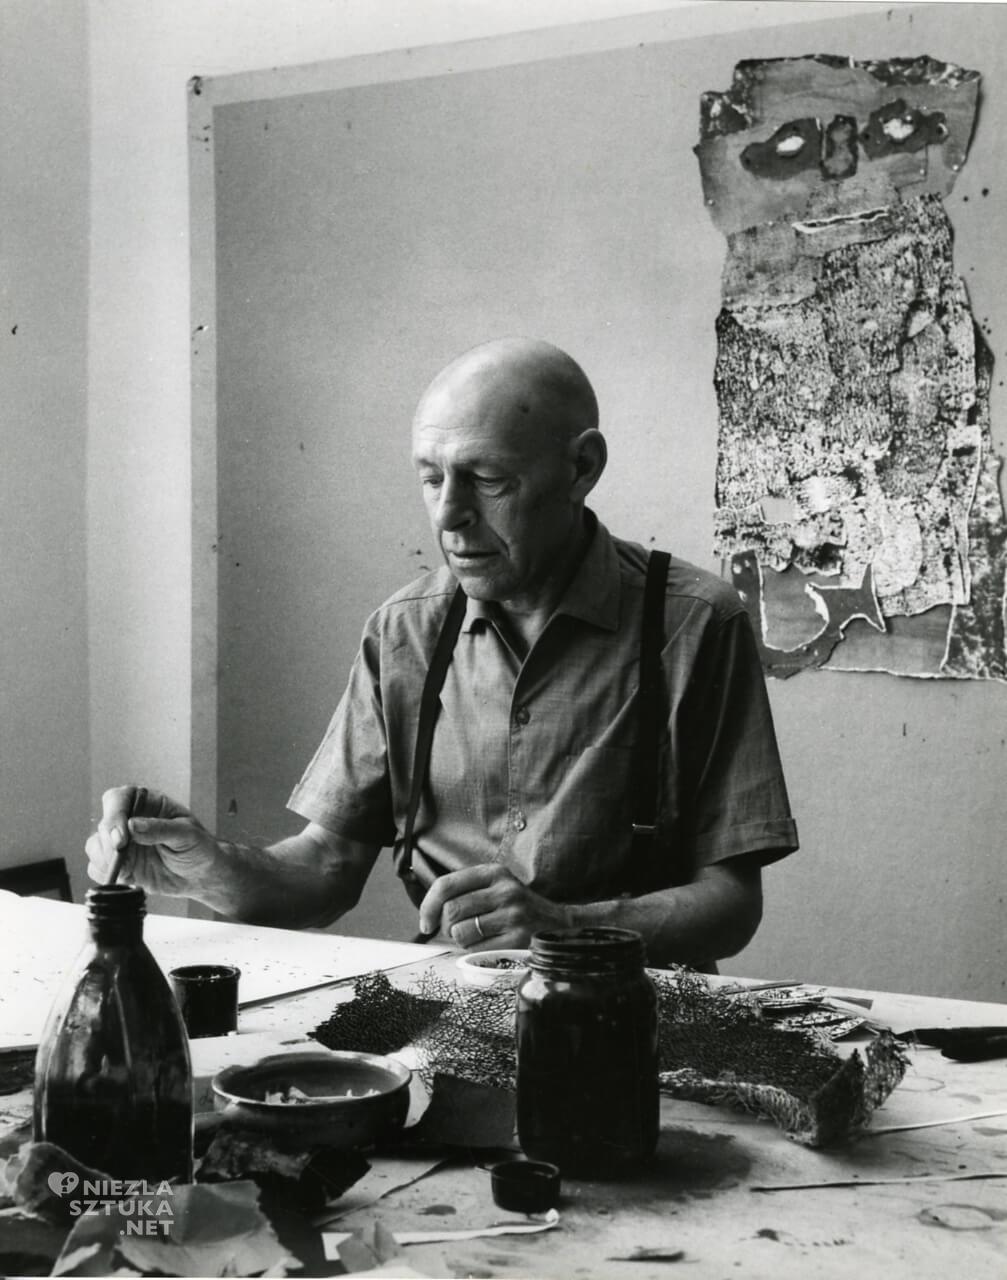 Jean Dubuffet, malarz, rzeźbiarz, sztuka francuska, Niezła sztuka